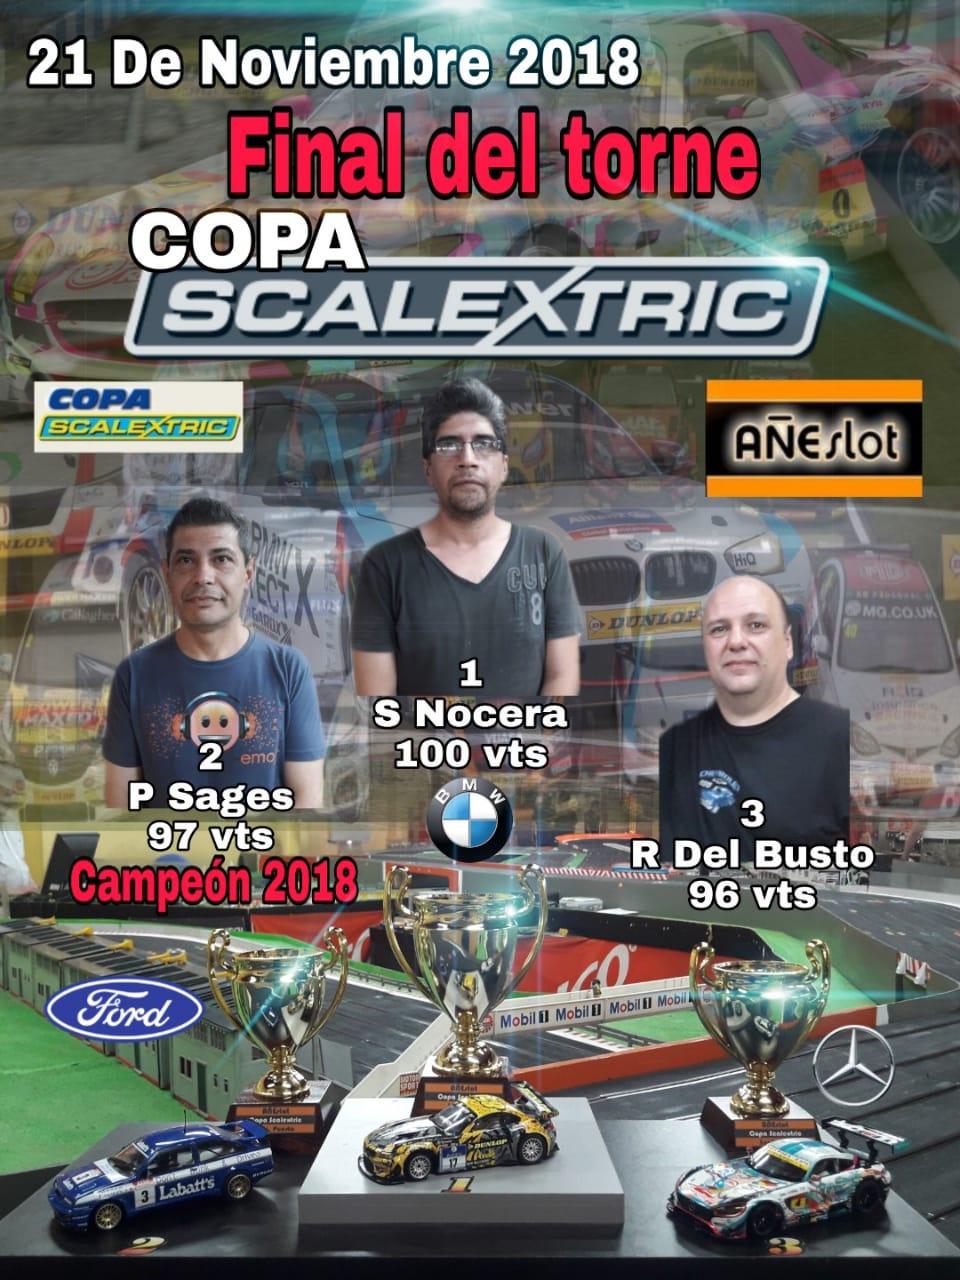 Copa SCALEXTRIC ▬ 7° RONDA ▬ V. TÉCNICA ▬▬ CLASIFICACIÓN OFICIAL Img-2072